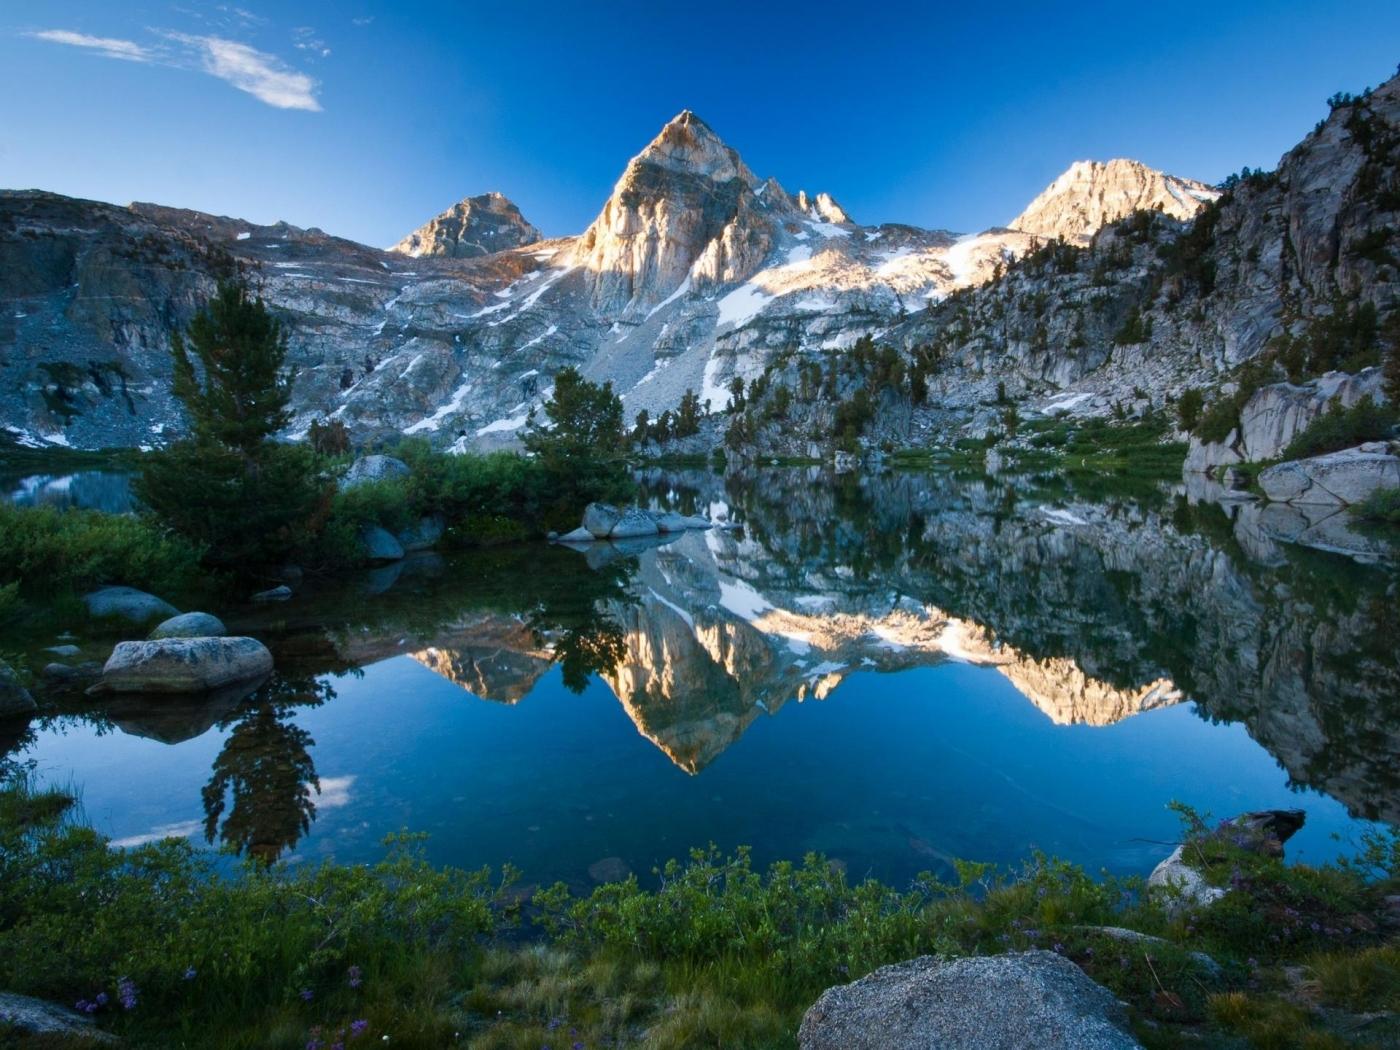 48776 télécharger le fond d'écran Paysage, Nature, Montagnes, Lacs - économiseurs d'écran et images gratuitement